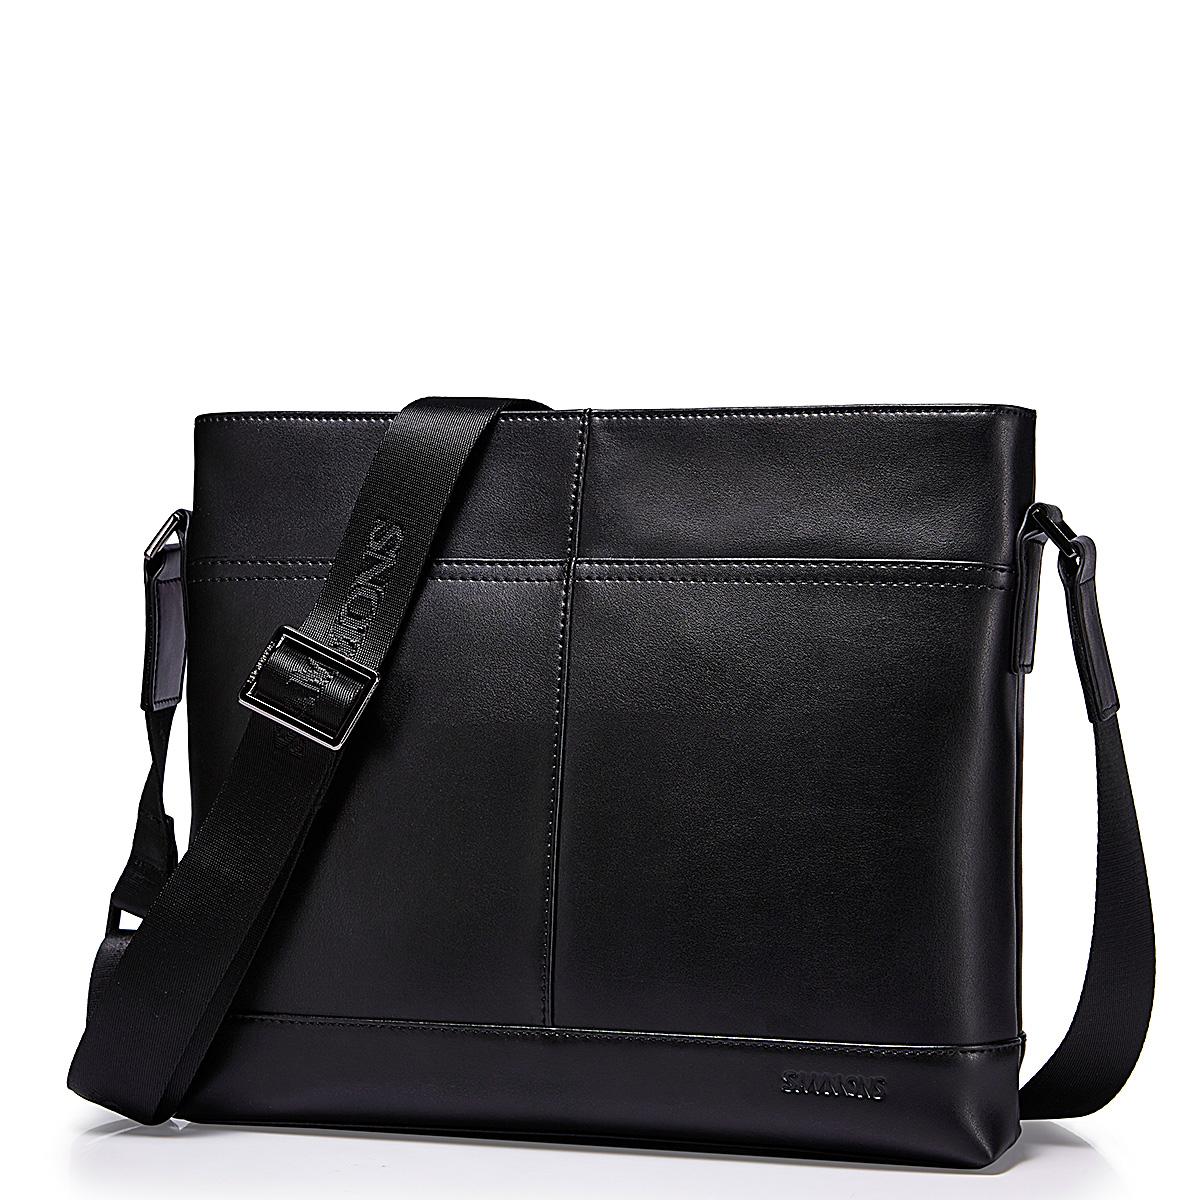 Pánská kožená taška přes rameno Sammons Ipad2 černá